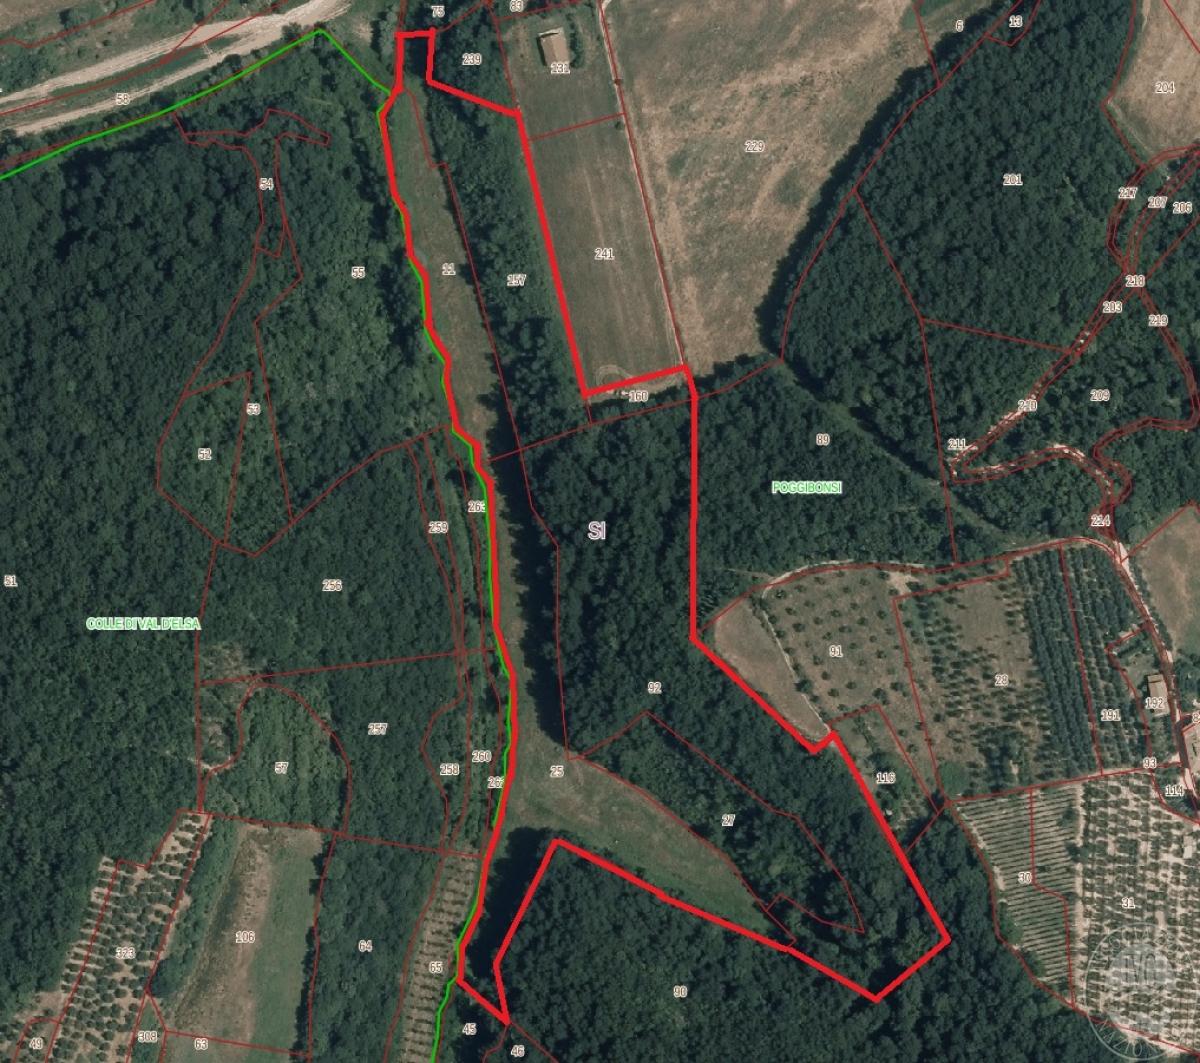 Terreno a Poggibonsi in zona artigianale Fosci - Lotto 2